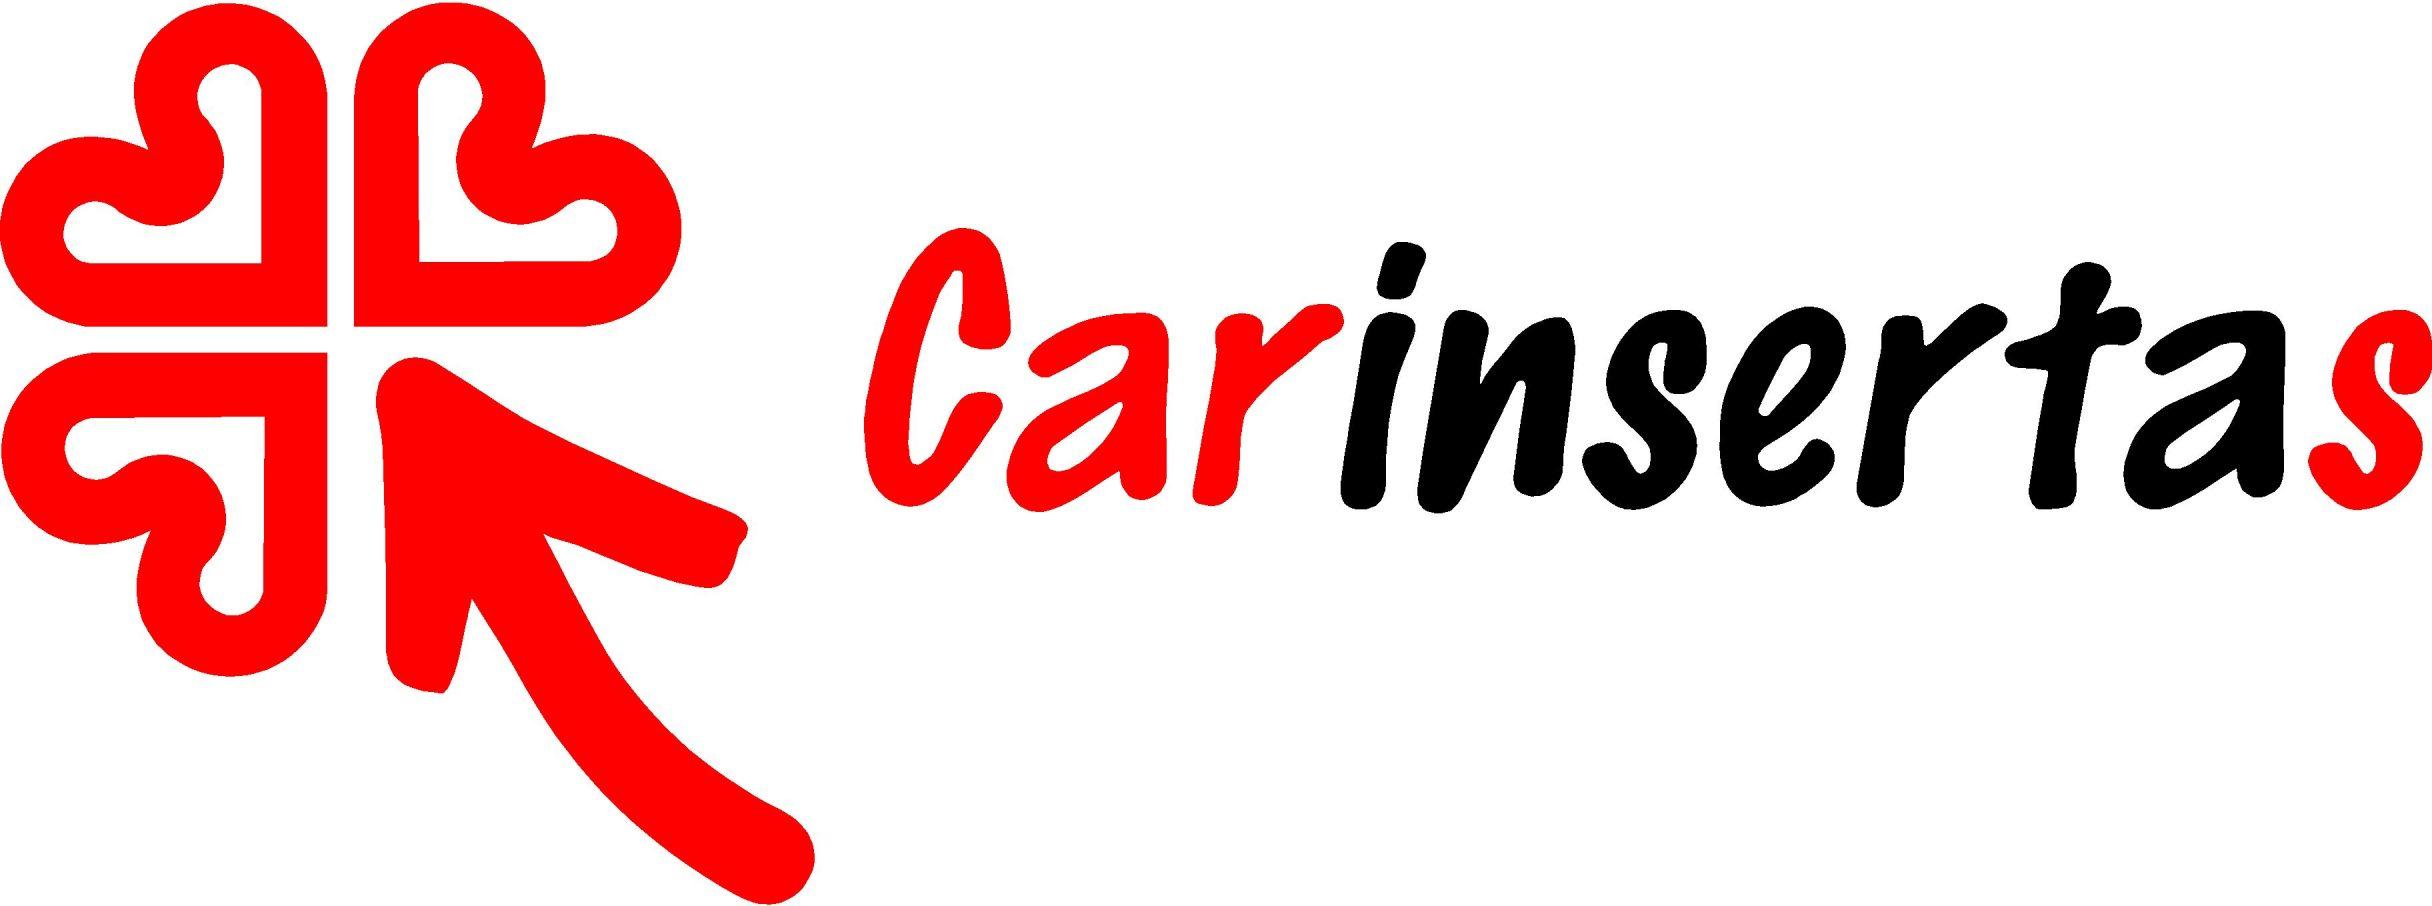 caritas logos 04